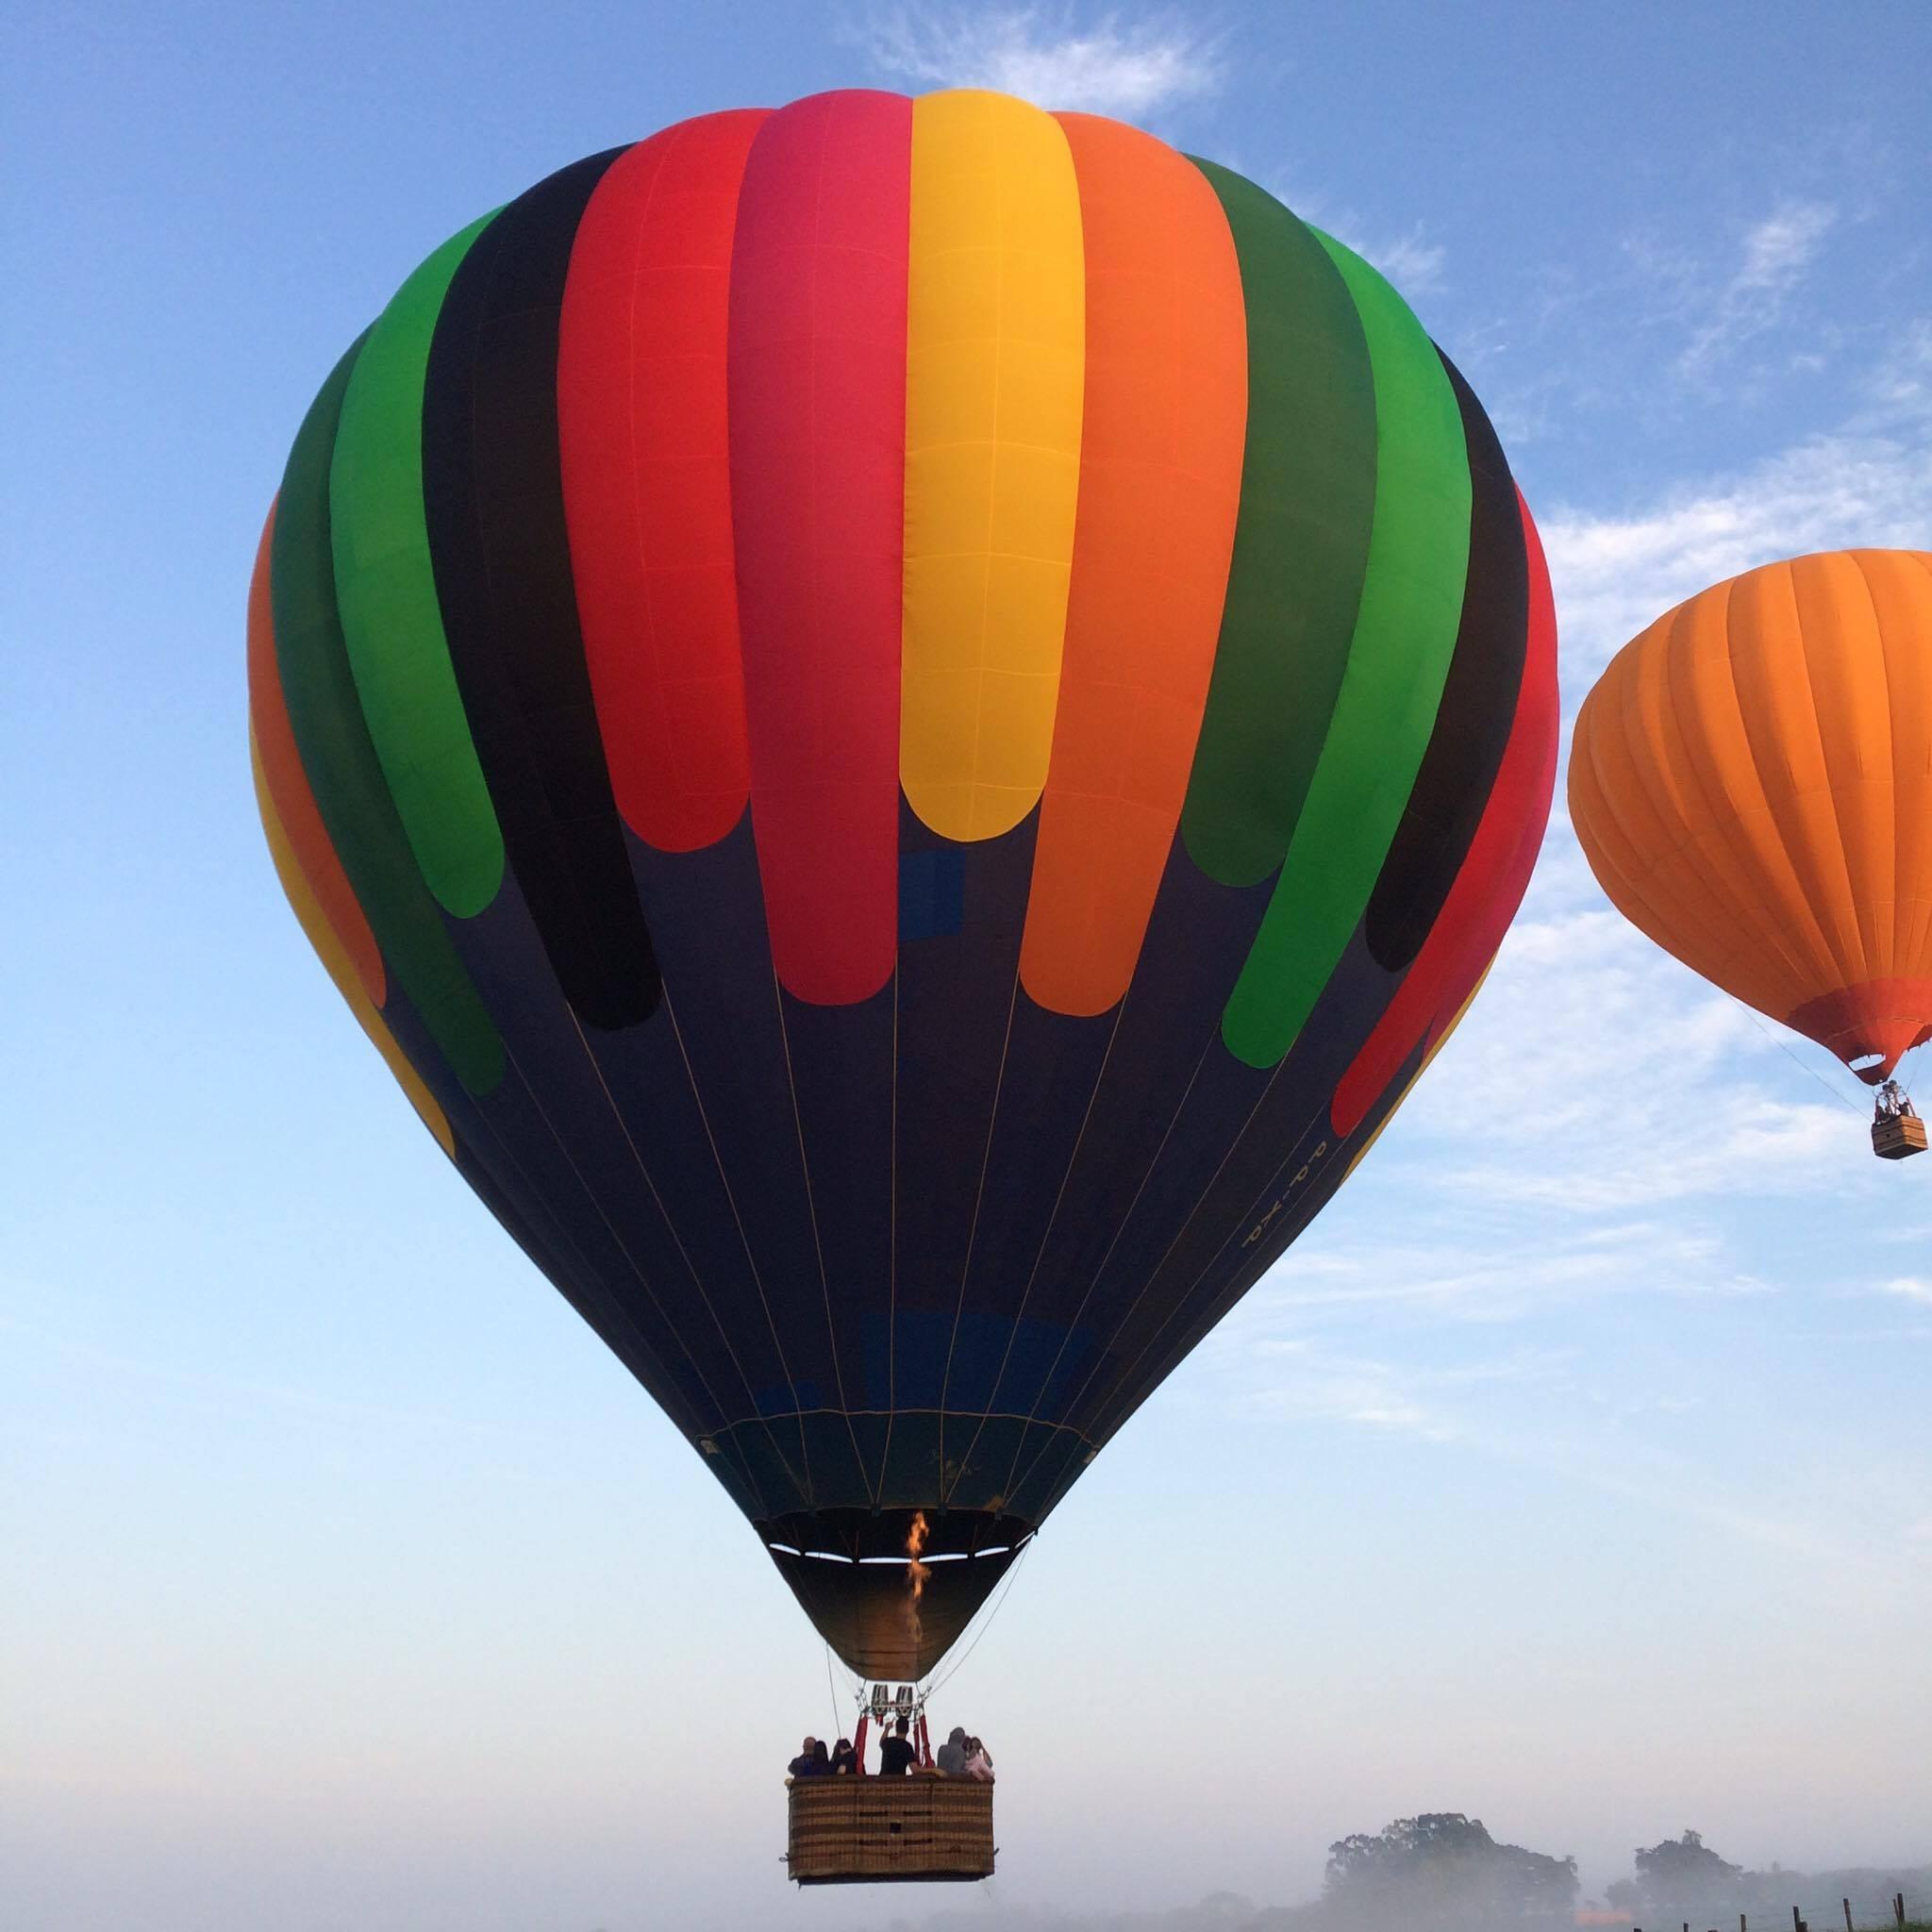 Passeio de Balão em Boituva (Foto: Passeio de Balão/Divulgação)